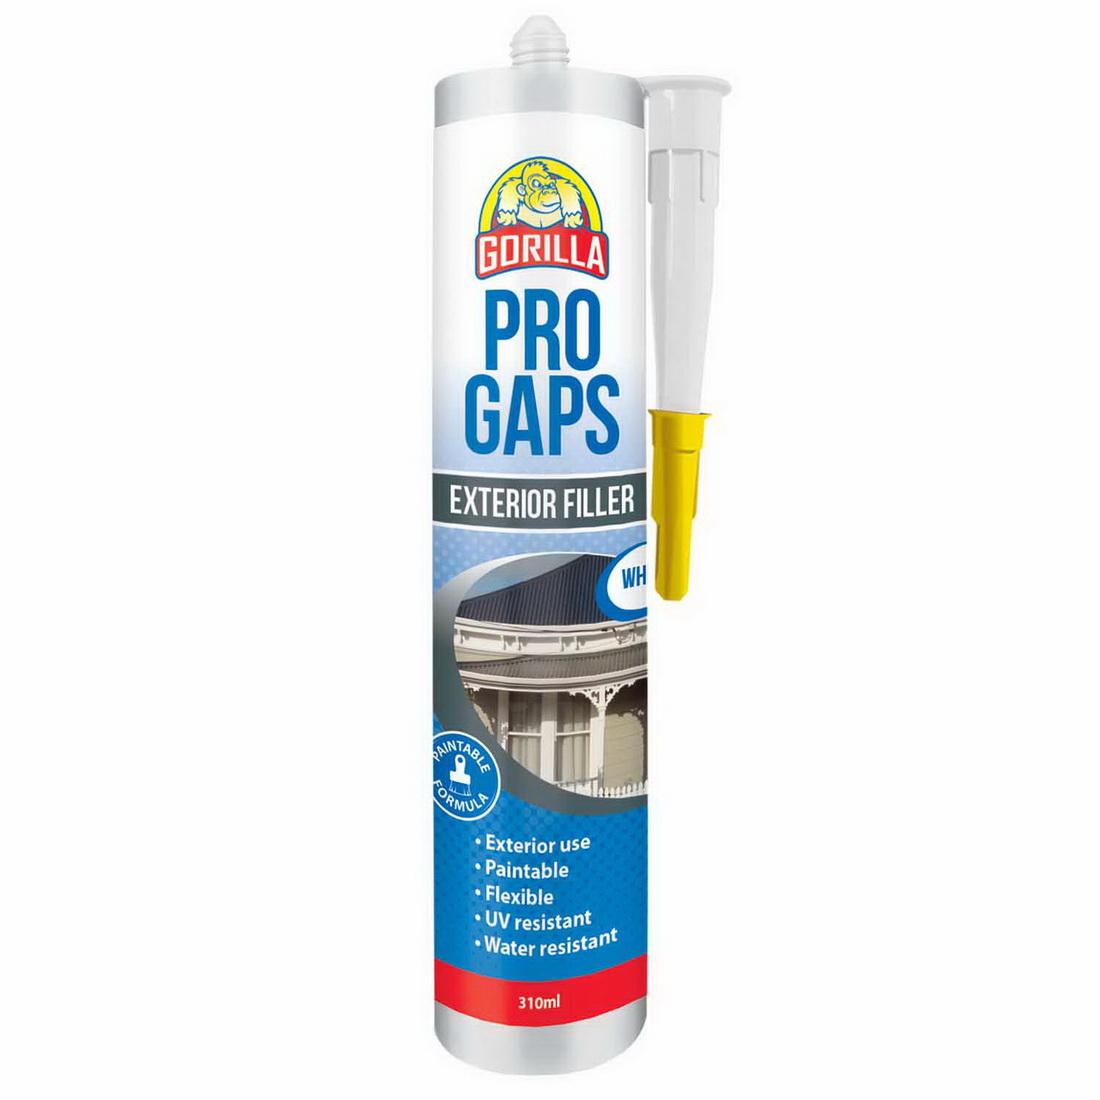 Pro Gaps 310ml Exterior Filler White